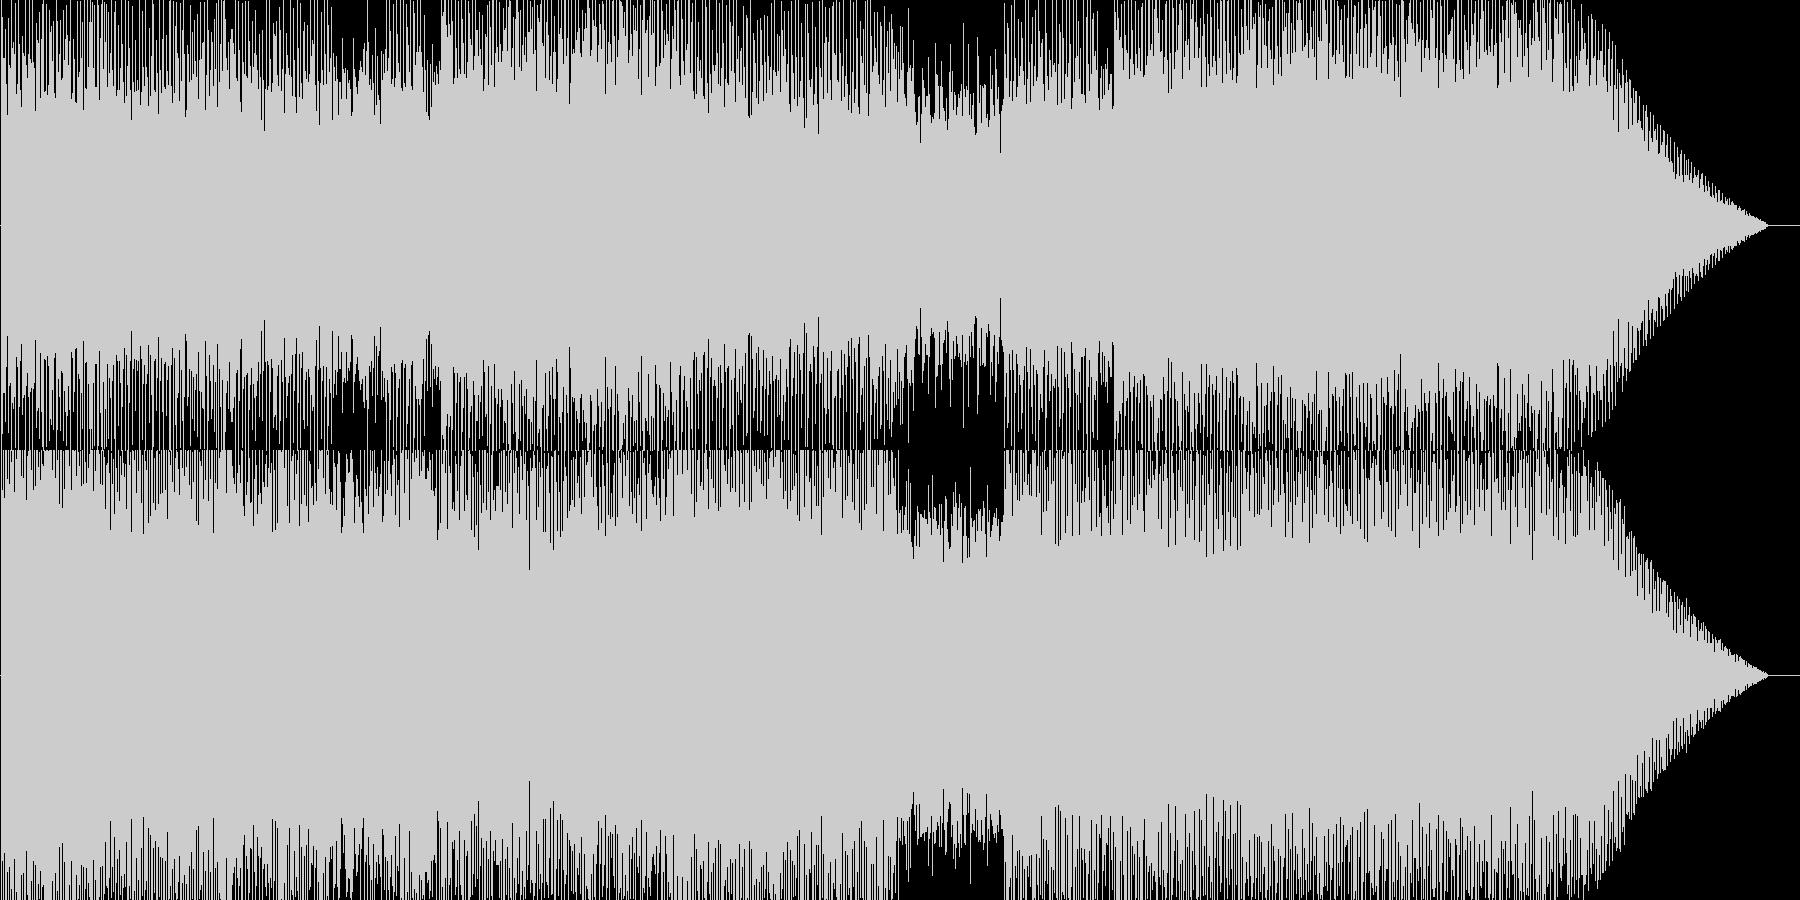 爽やか・明るめ・標準的な戦闘曲の未再生の波形